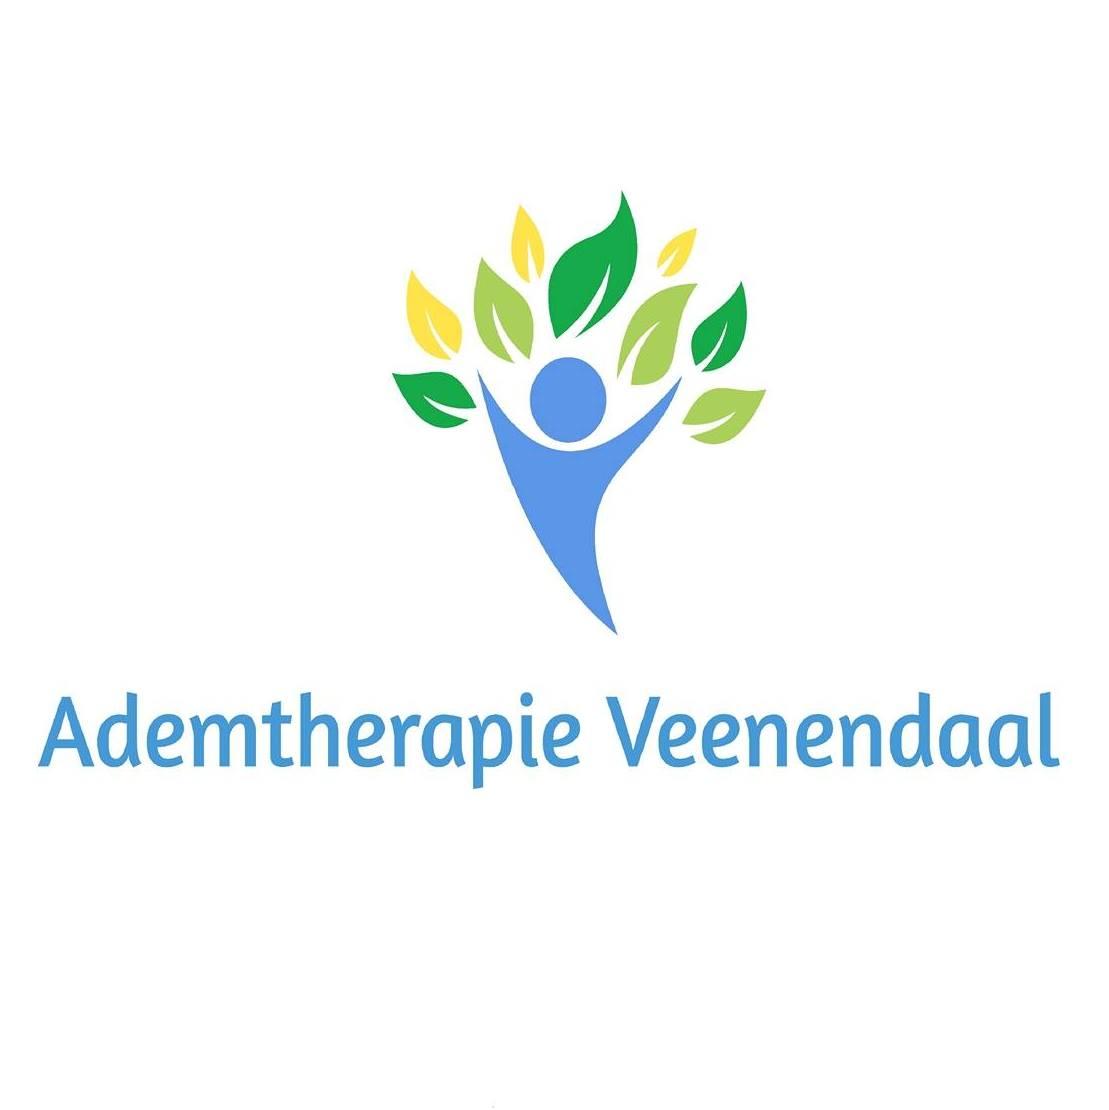 Ademtherapie Veenendaal